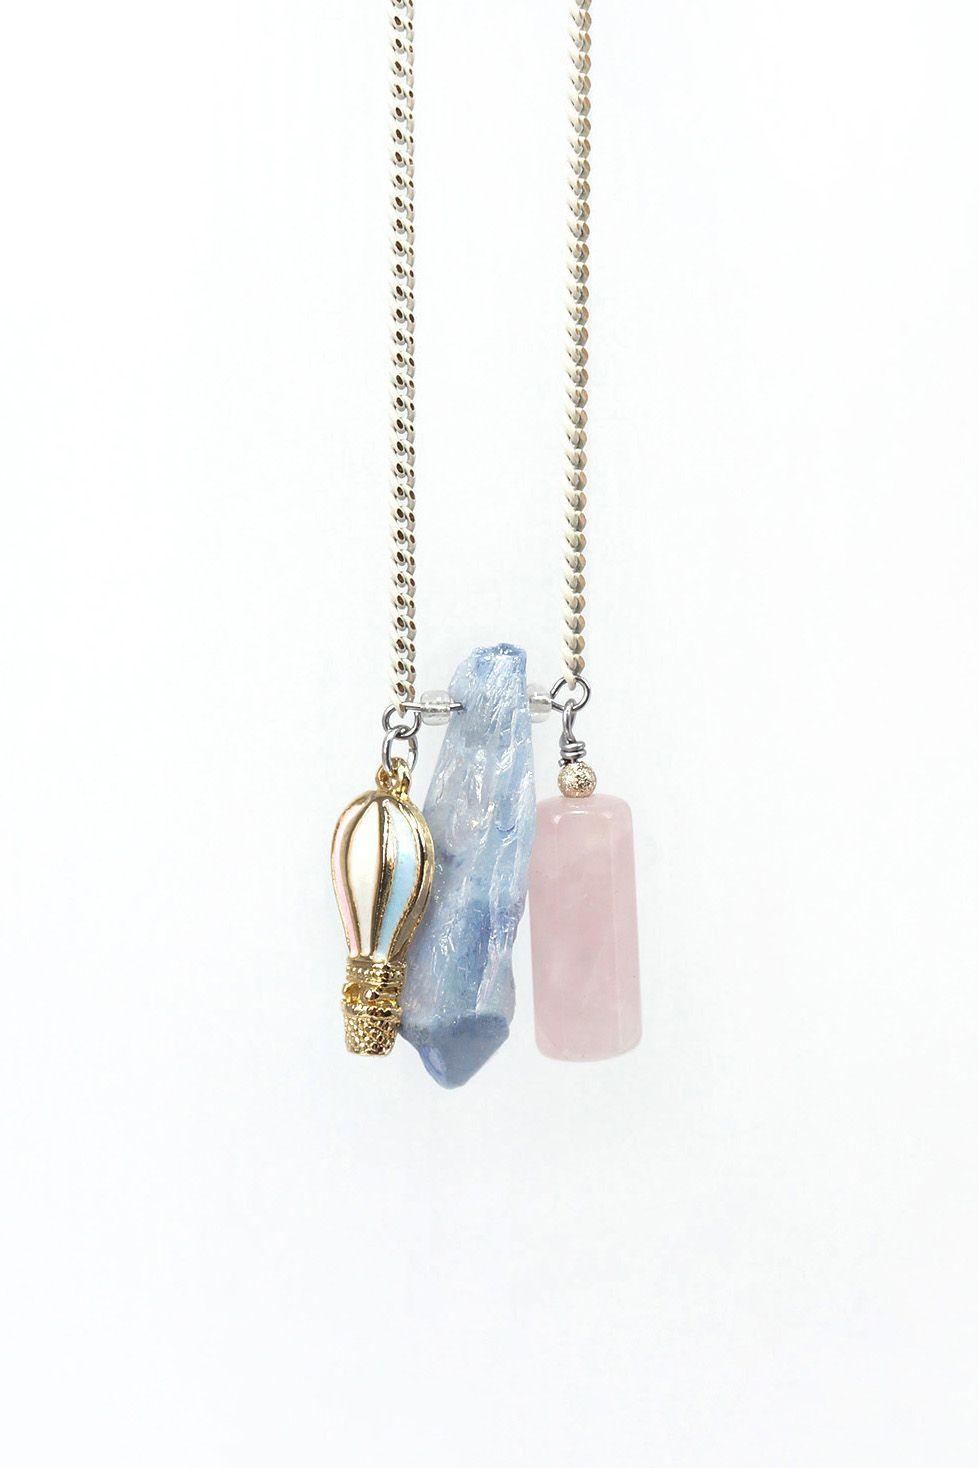 Rose quartz necklacerose quartz jewelleryquartzrose quartz rose quartz necklacerose quartz jewelleryquartzrose quartz pendantrose quartz aloadofball Image collections